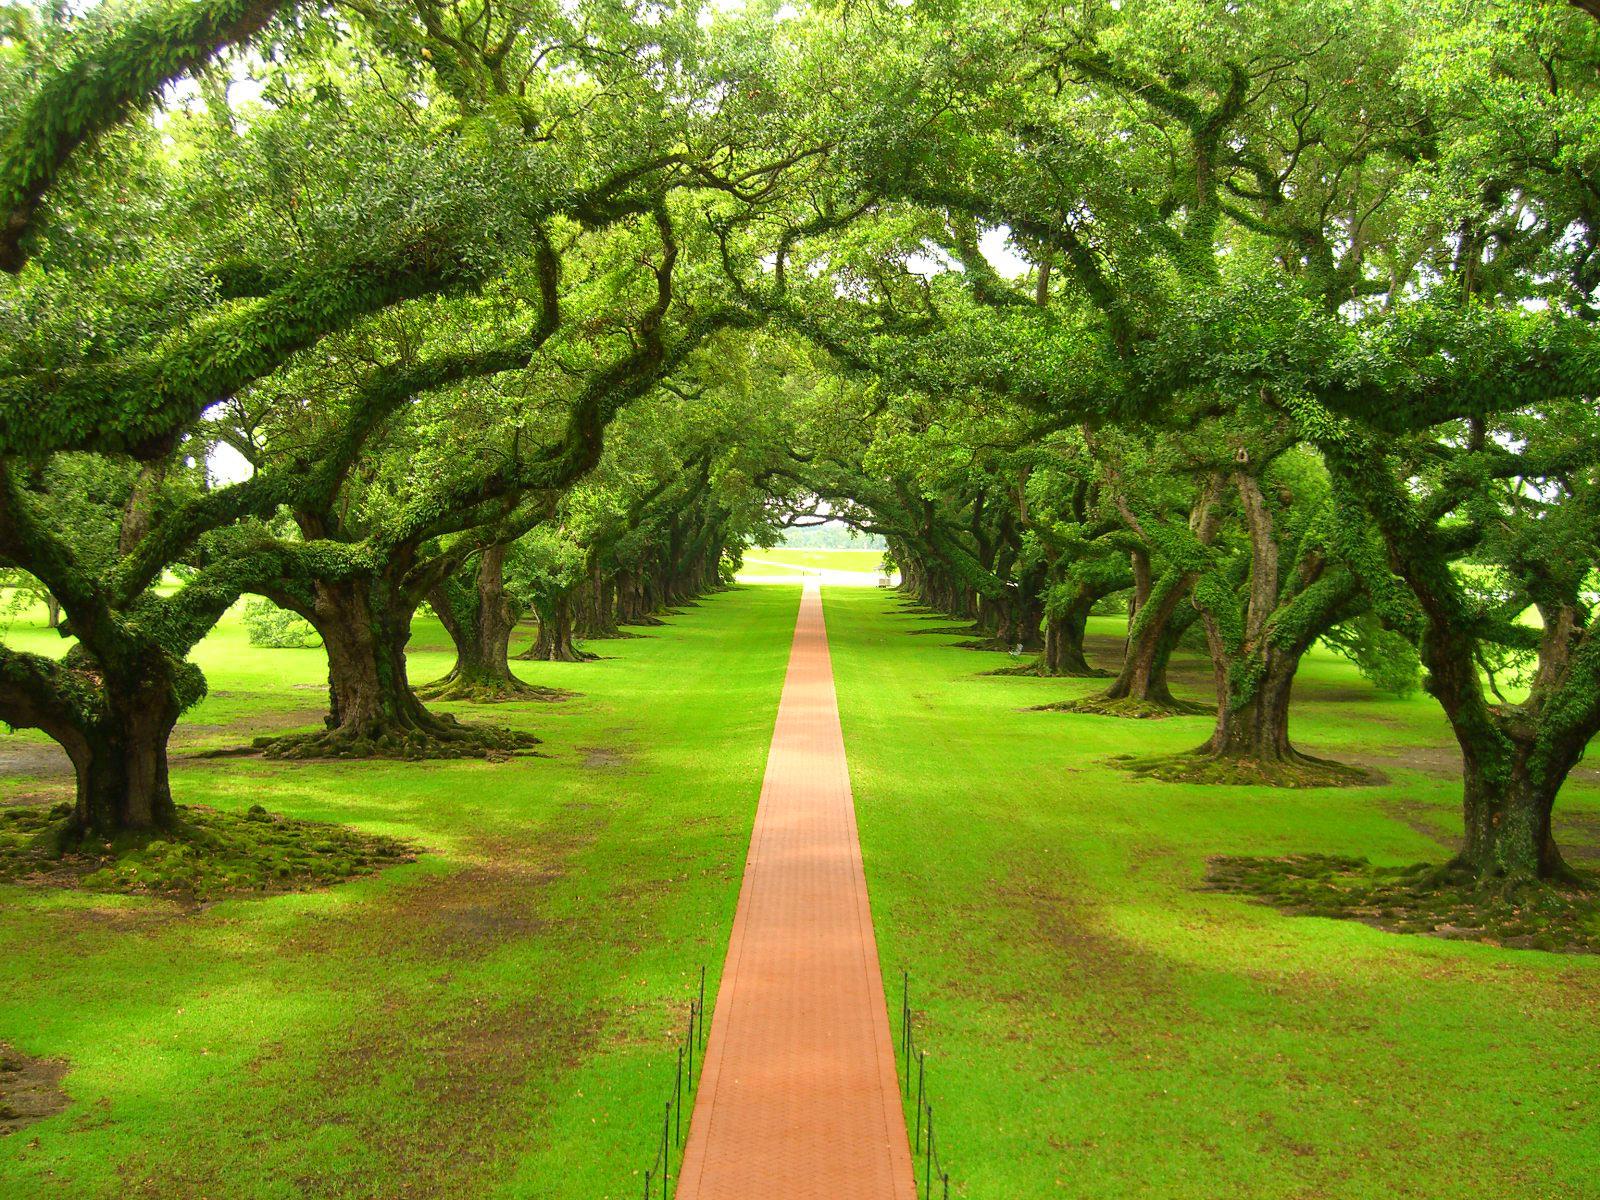 Imagenes De Paisajes Paisajes 1jpg Paz De Selva Verde - Imagenes-de-paisajes